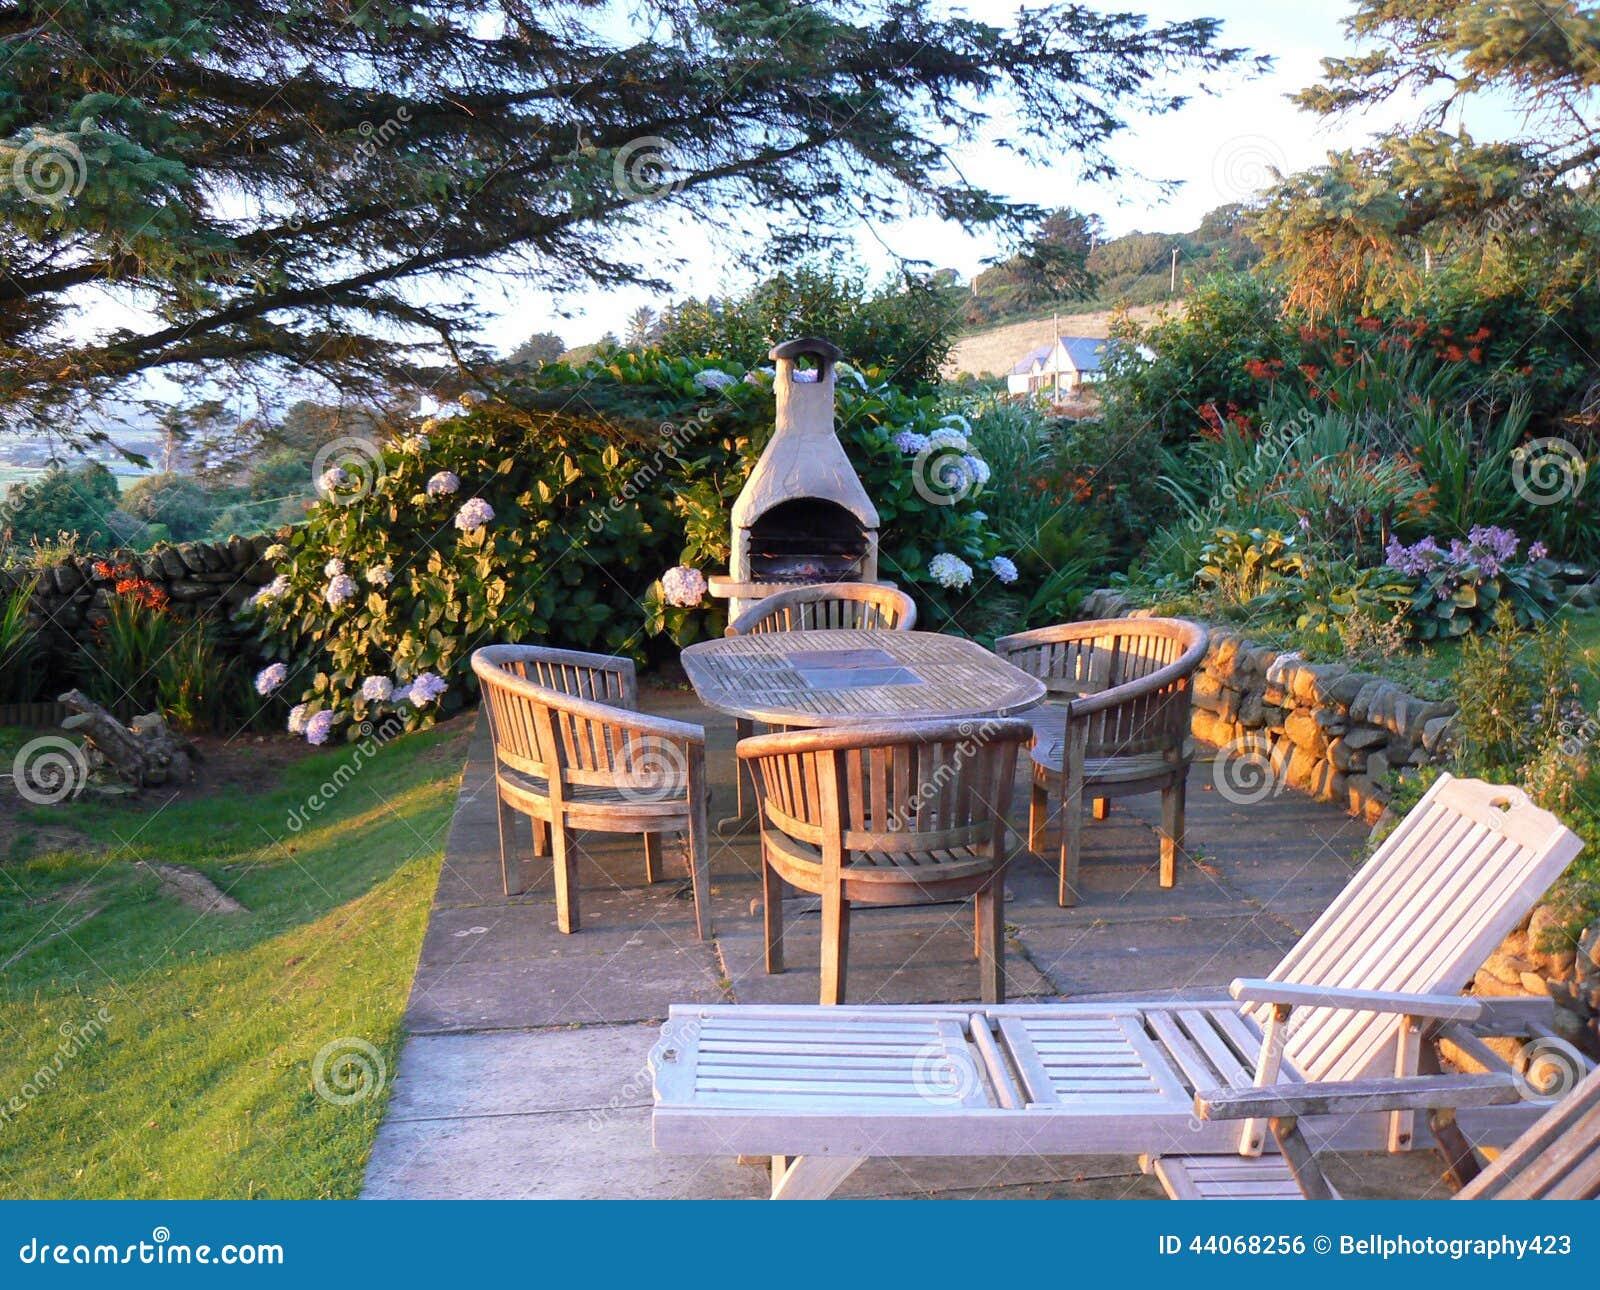 photo stock jardin anglais avec les meubles en bois de luxe image